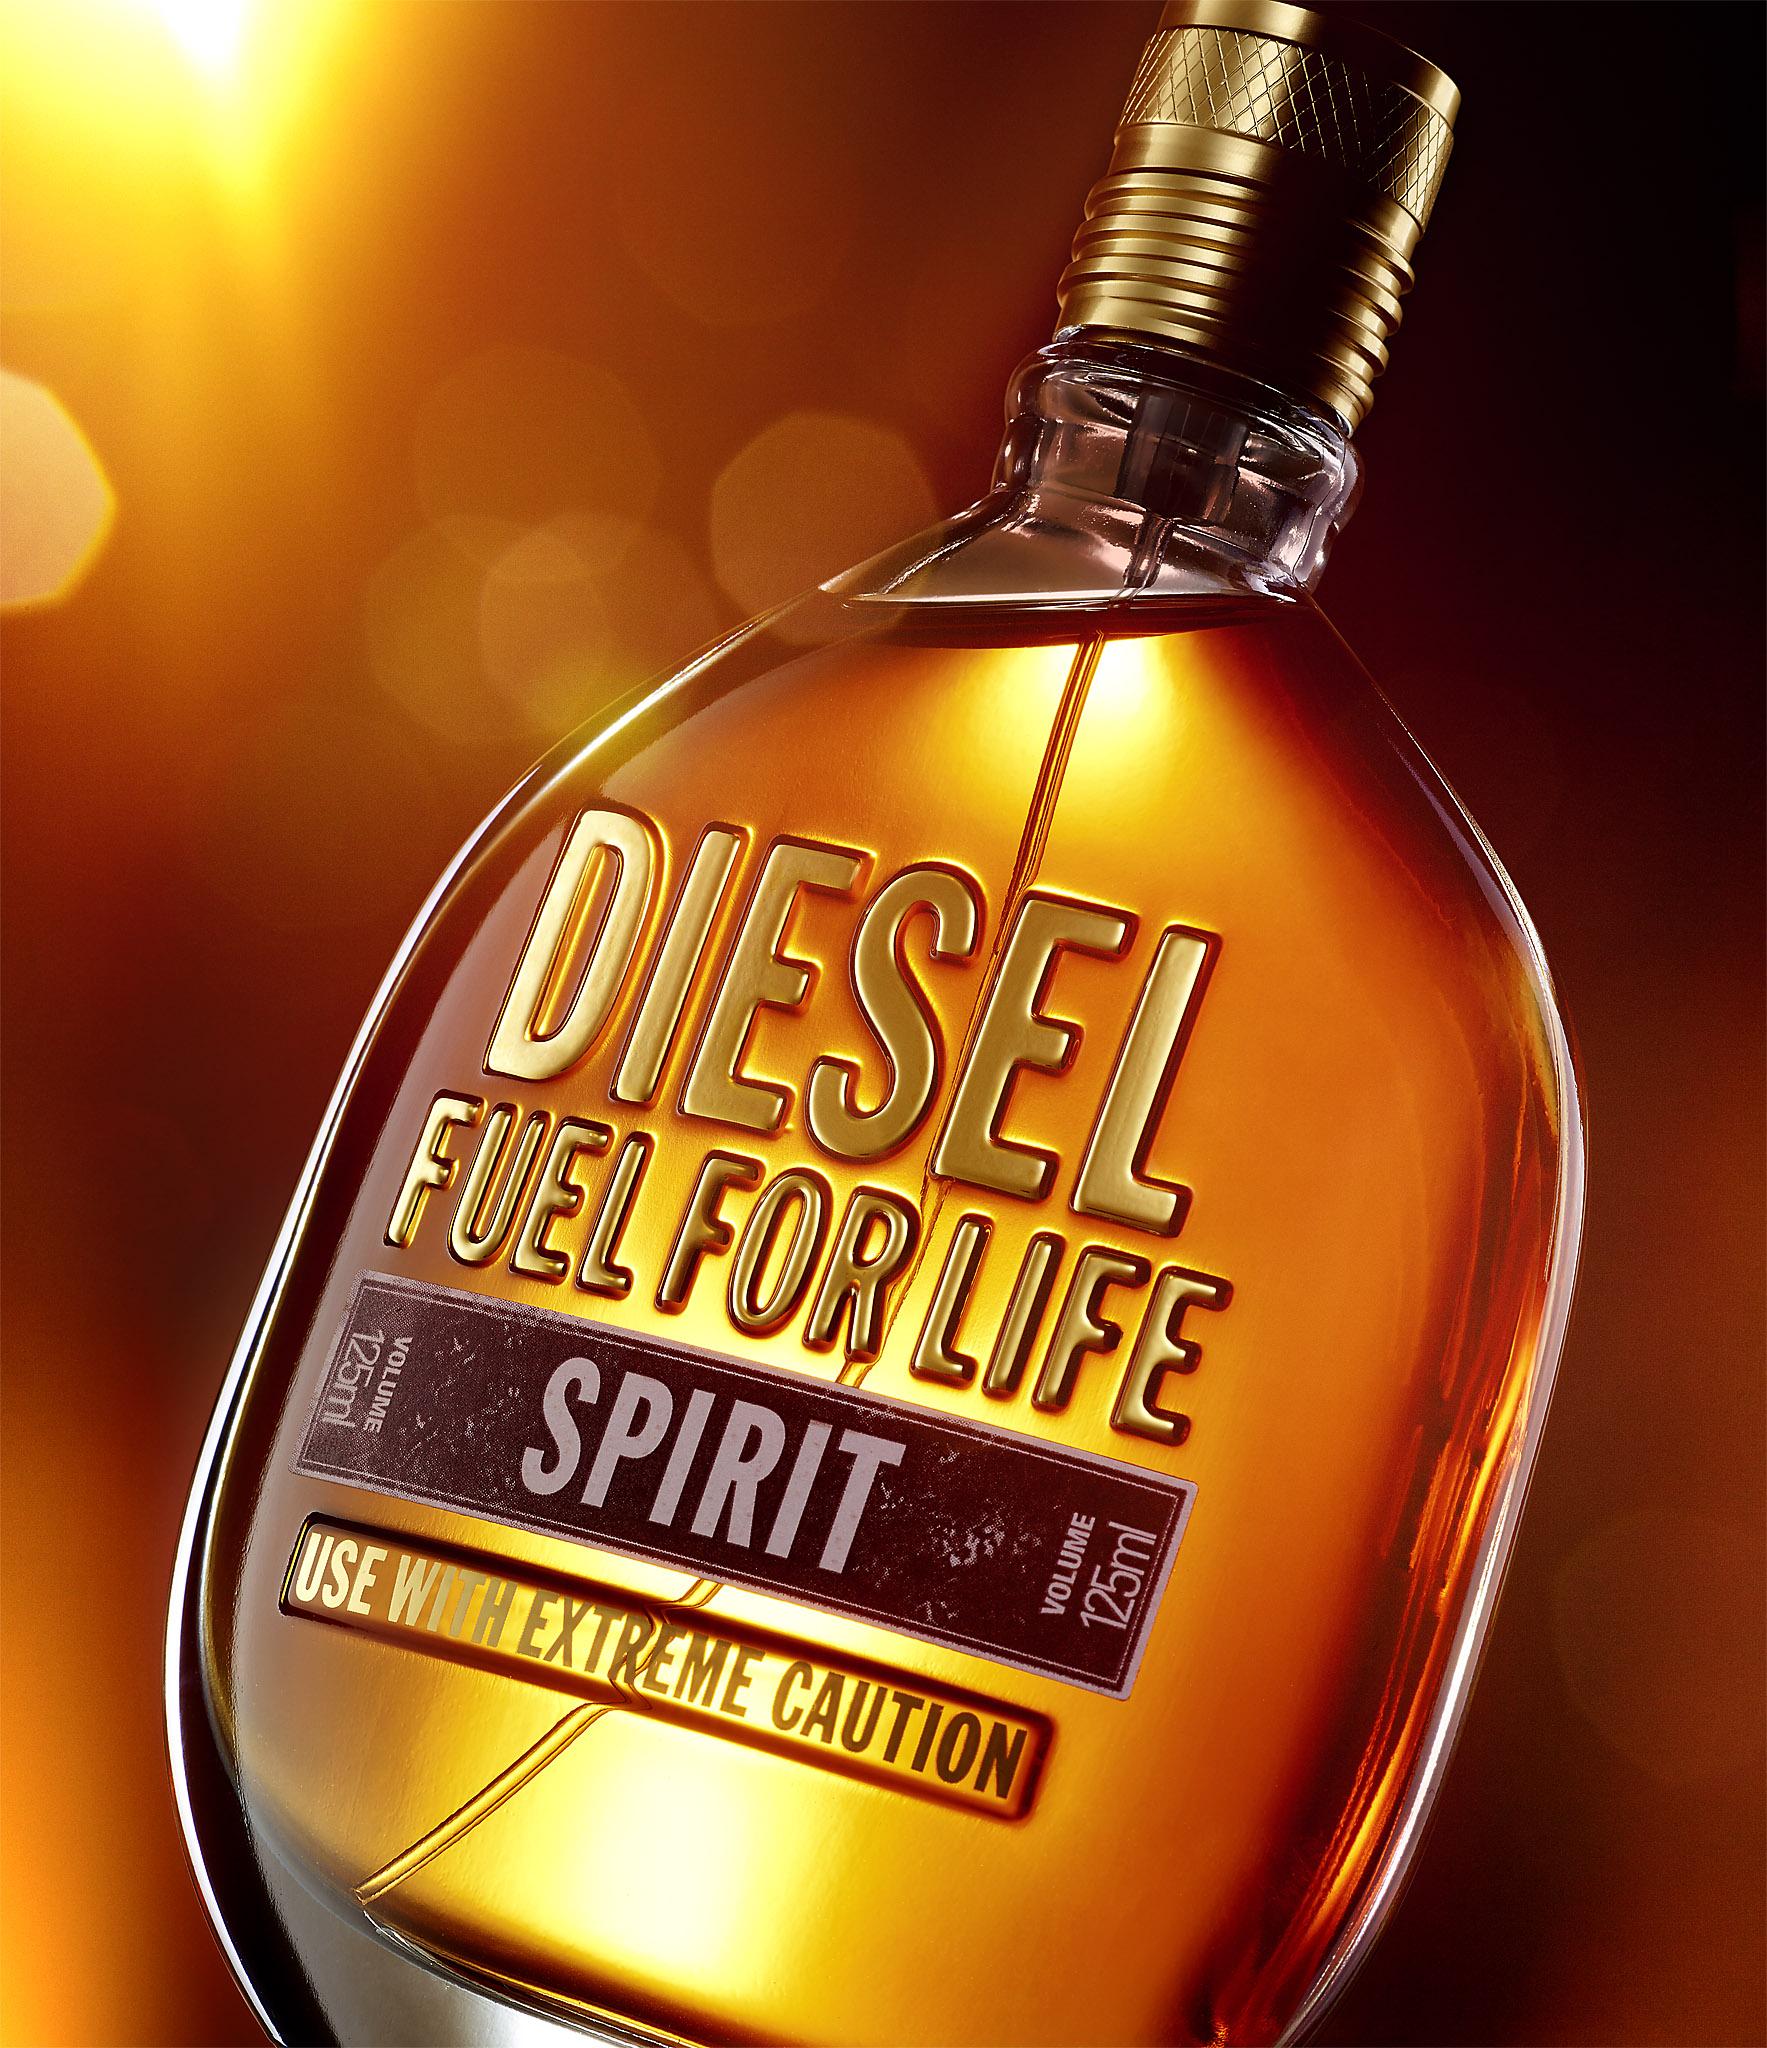 Diesel Fuel for life - fotograf: holger puhl